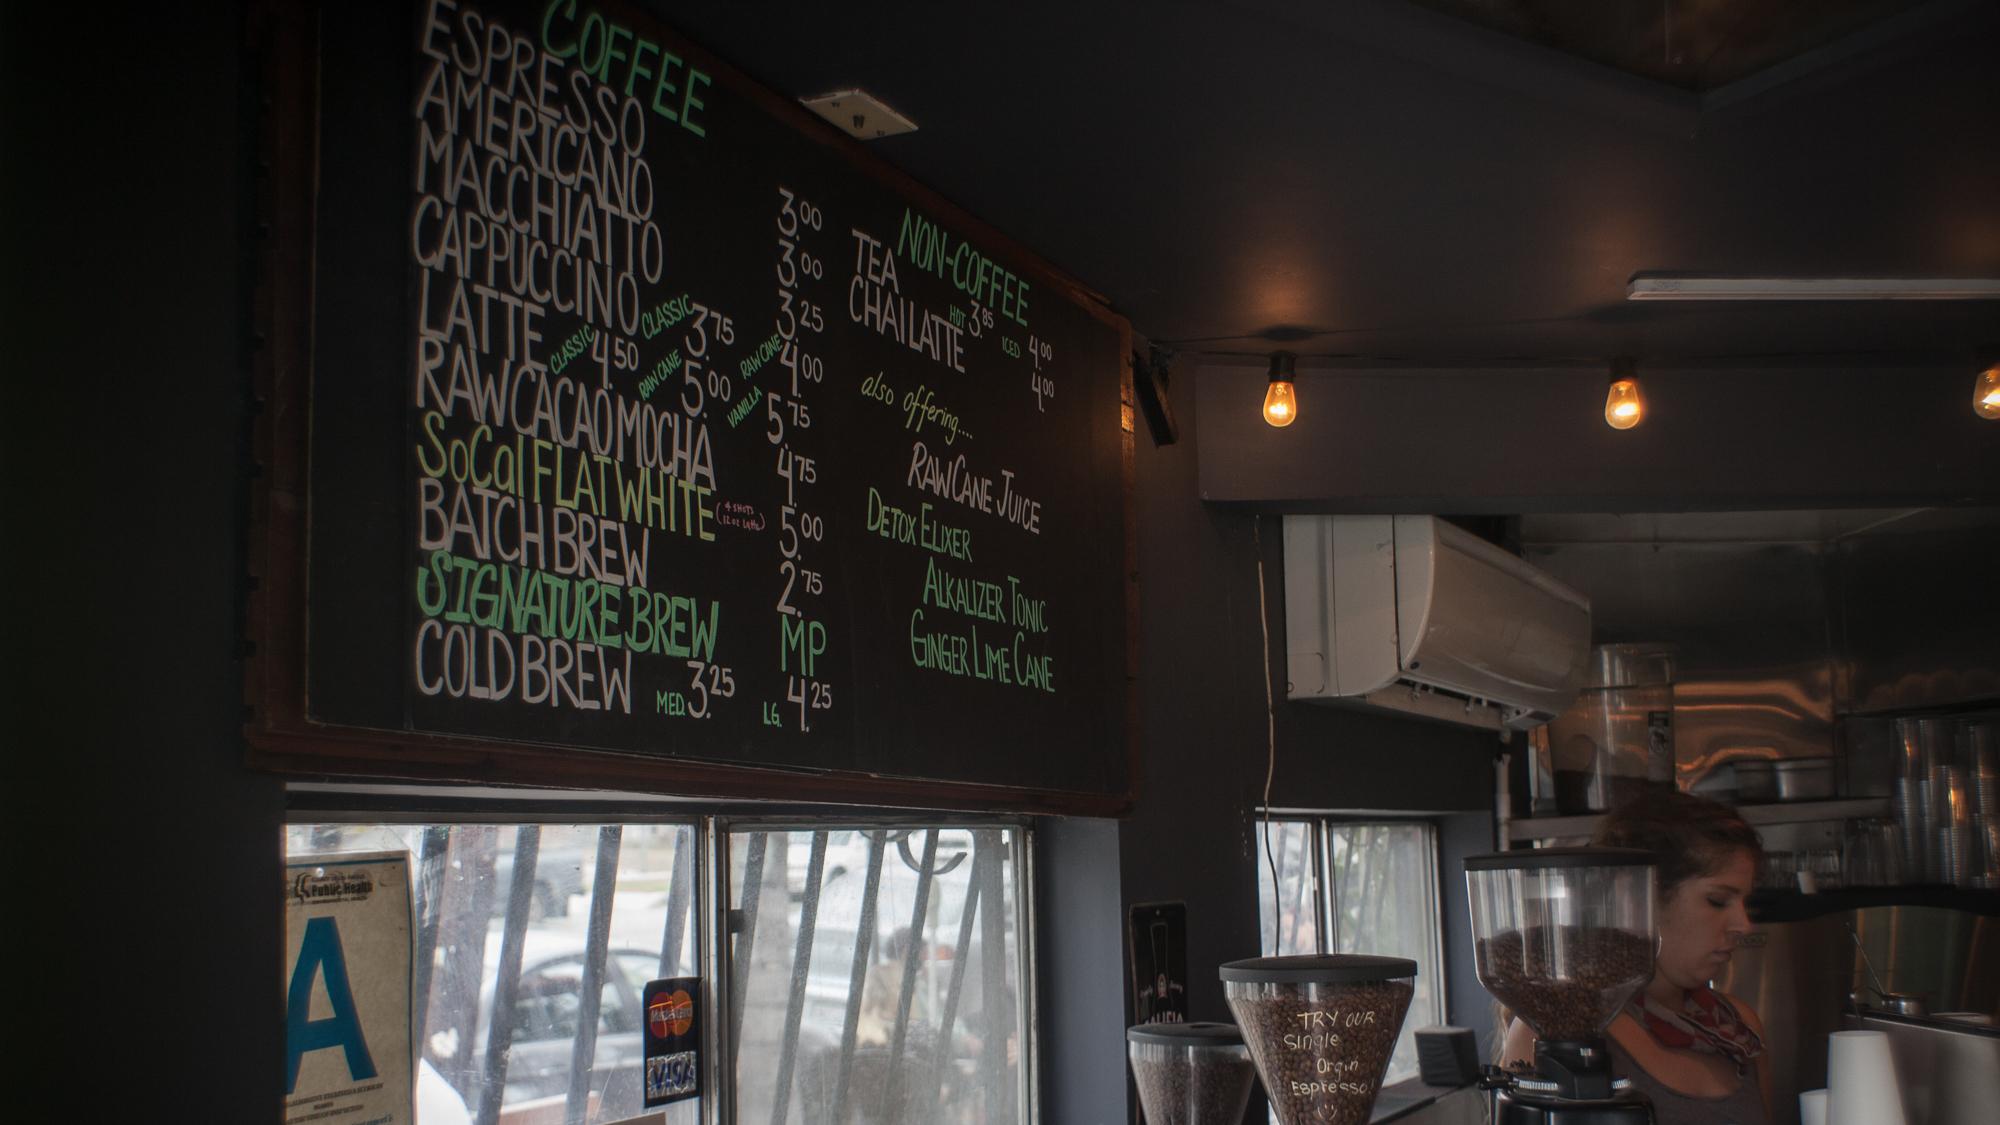 Cafecito Organico Menu